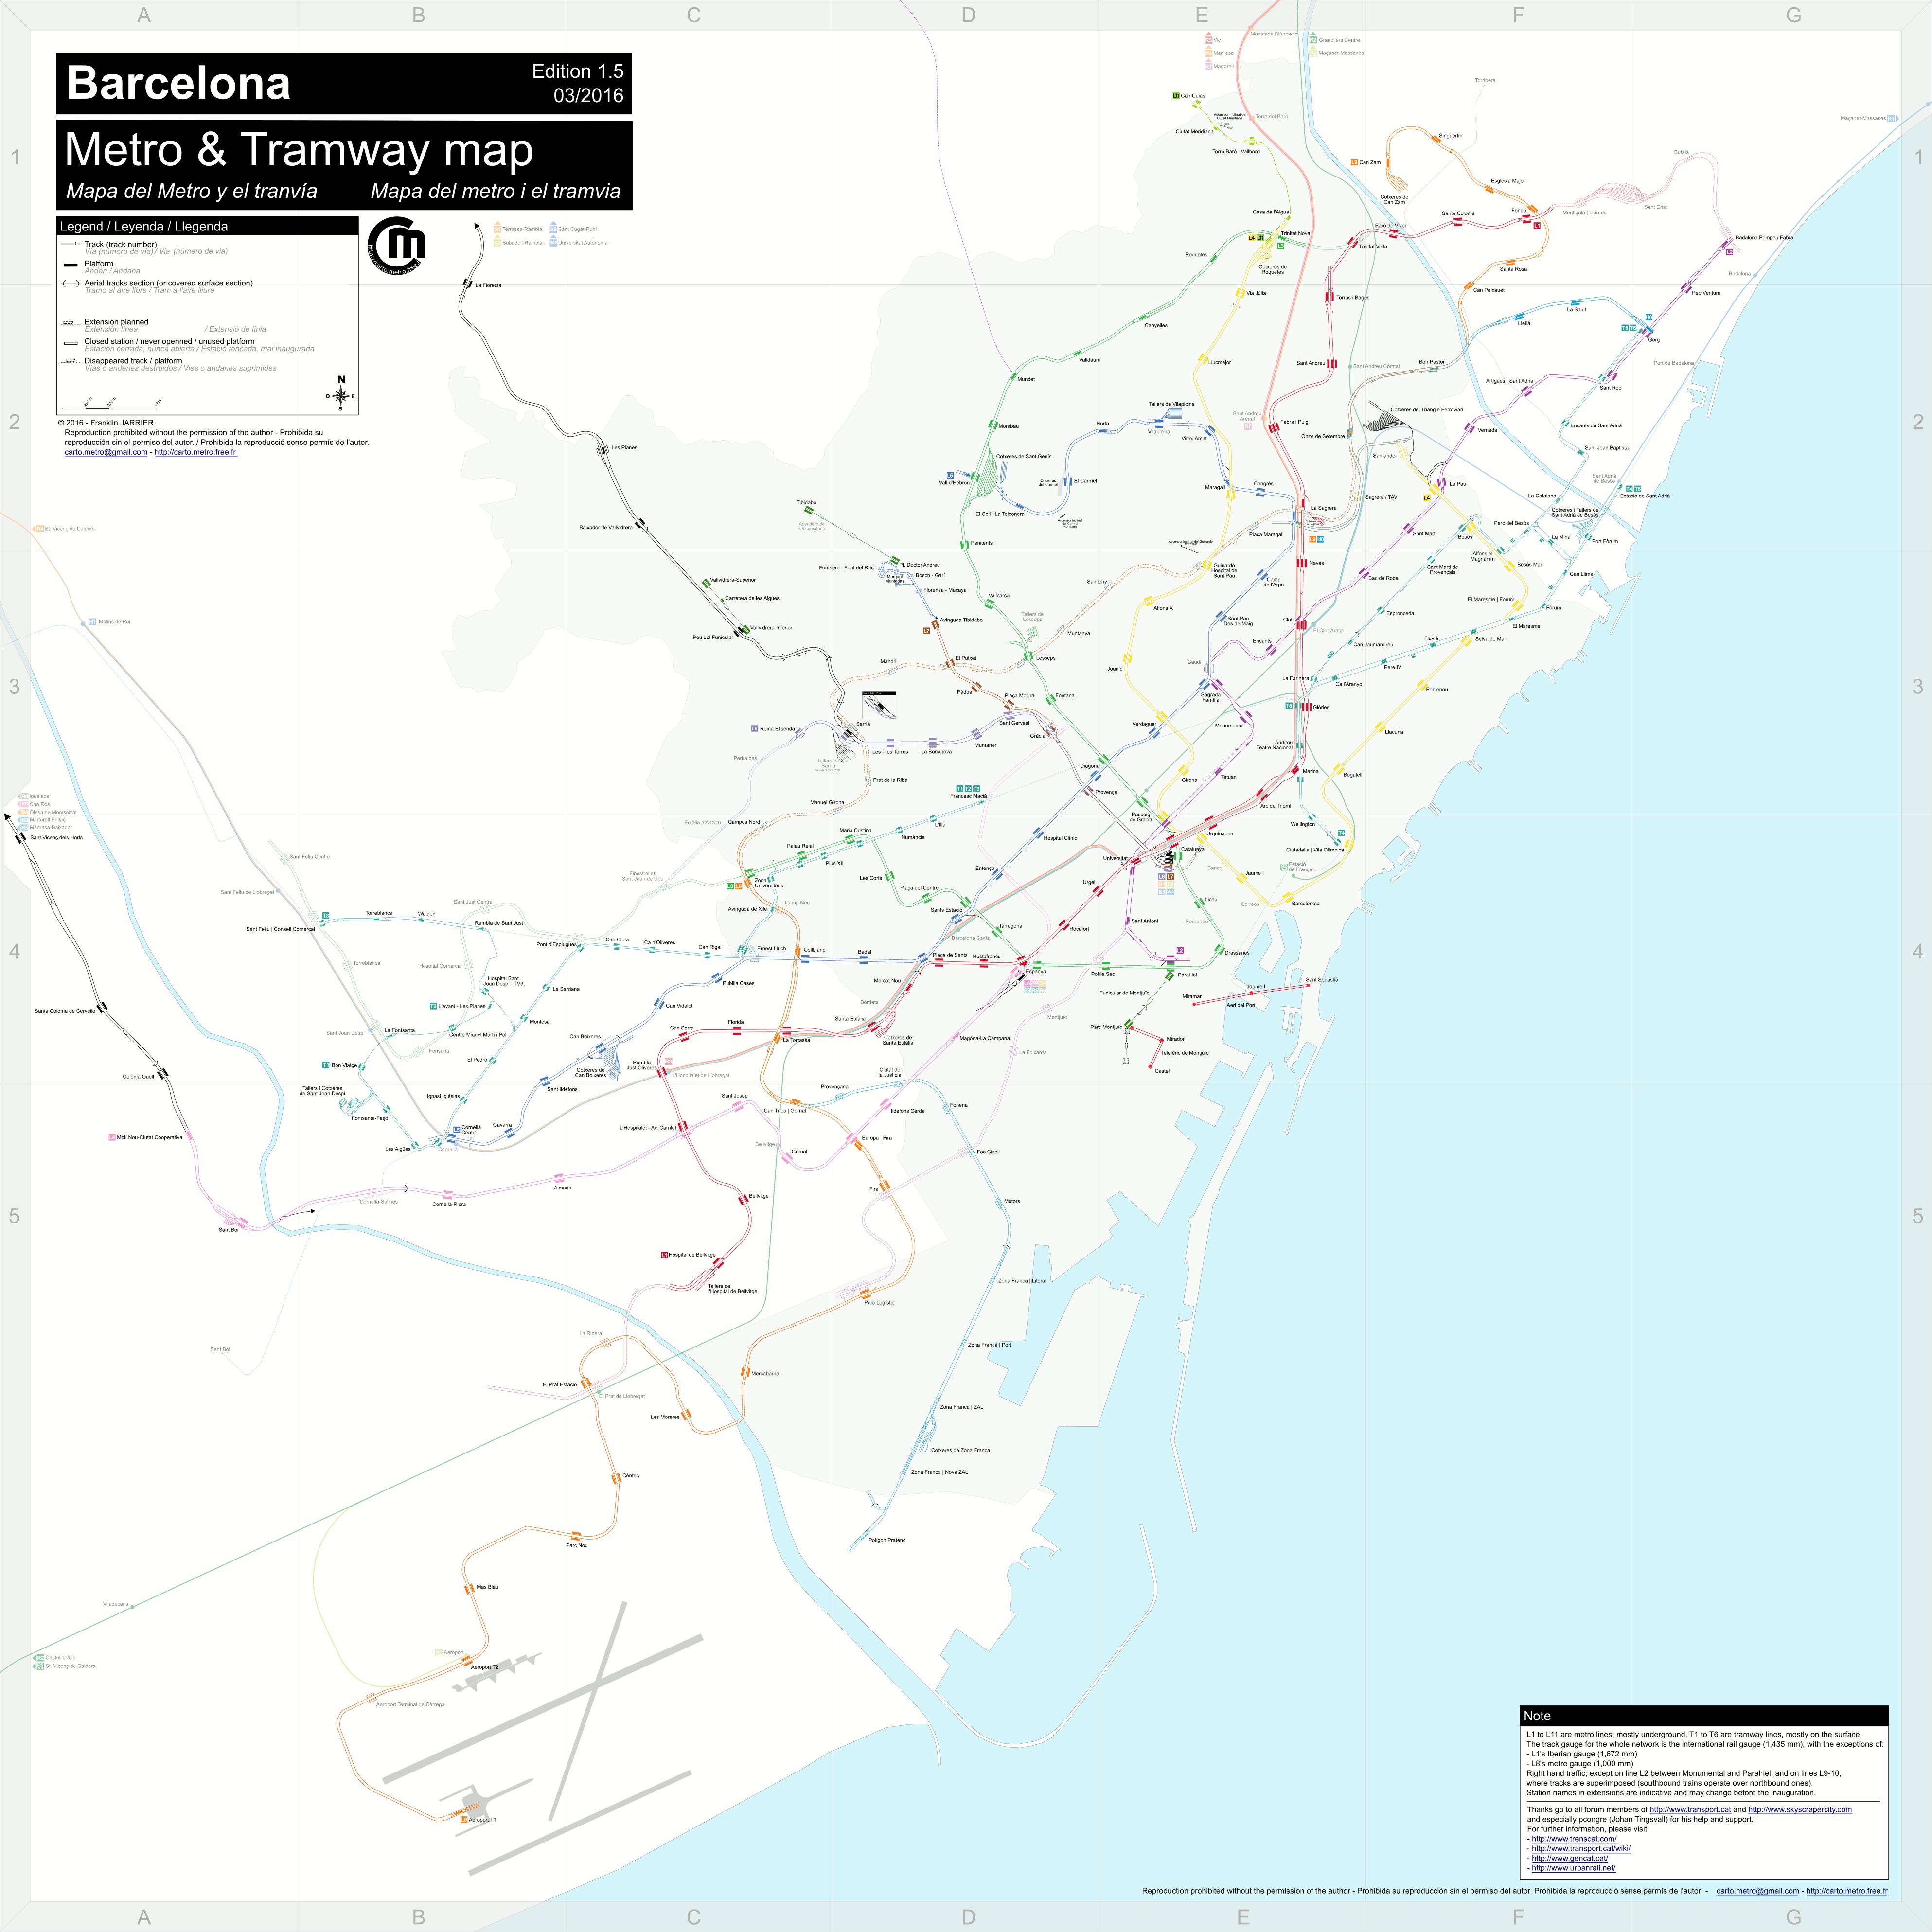 Cartes dtailles Plan du mtro et tramway de Barcelone voies et